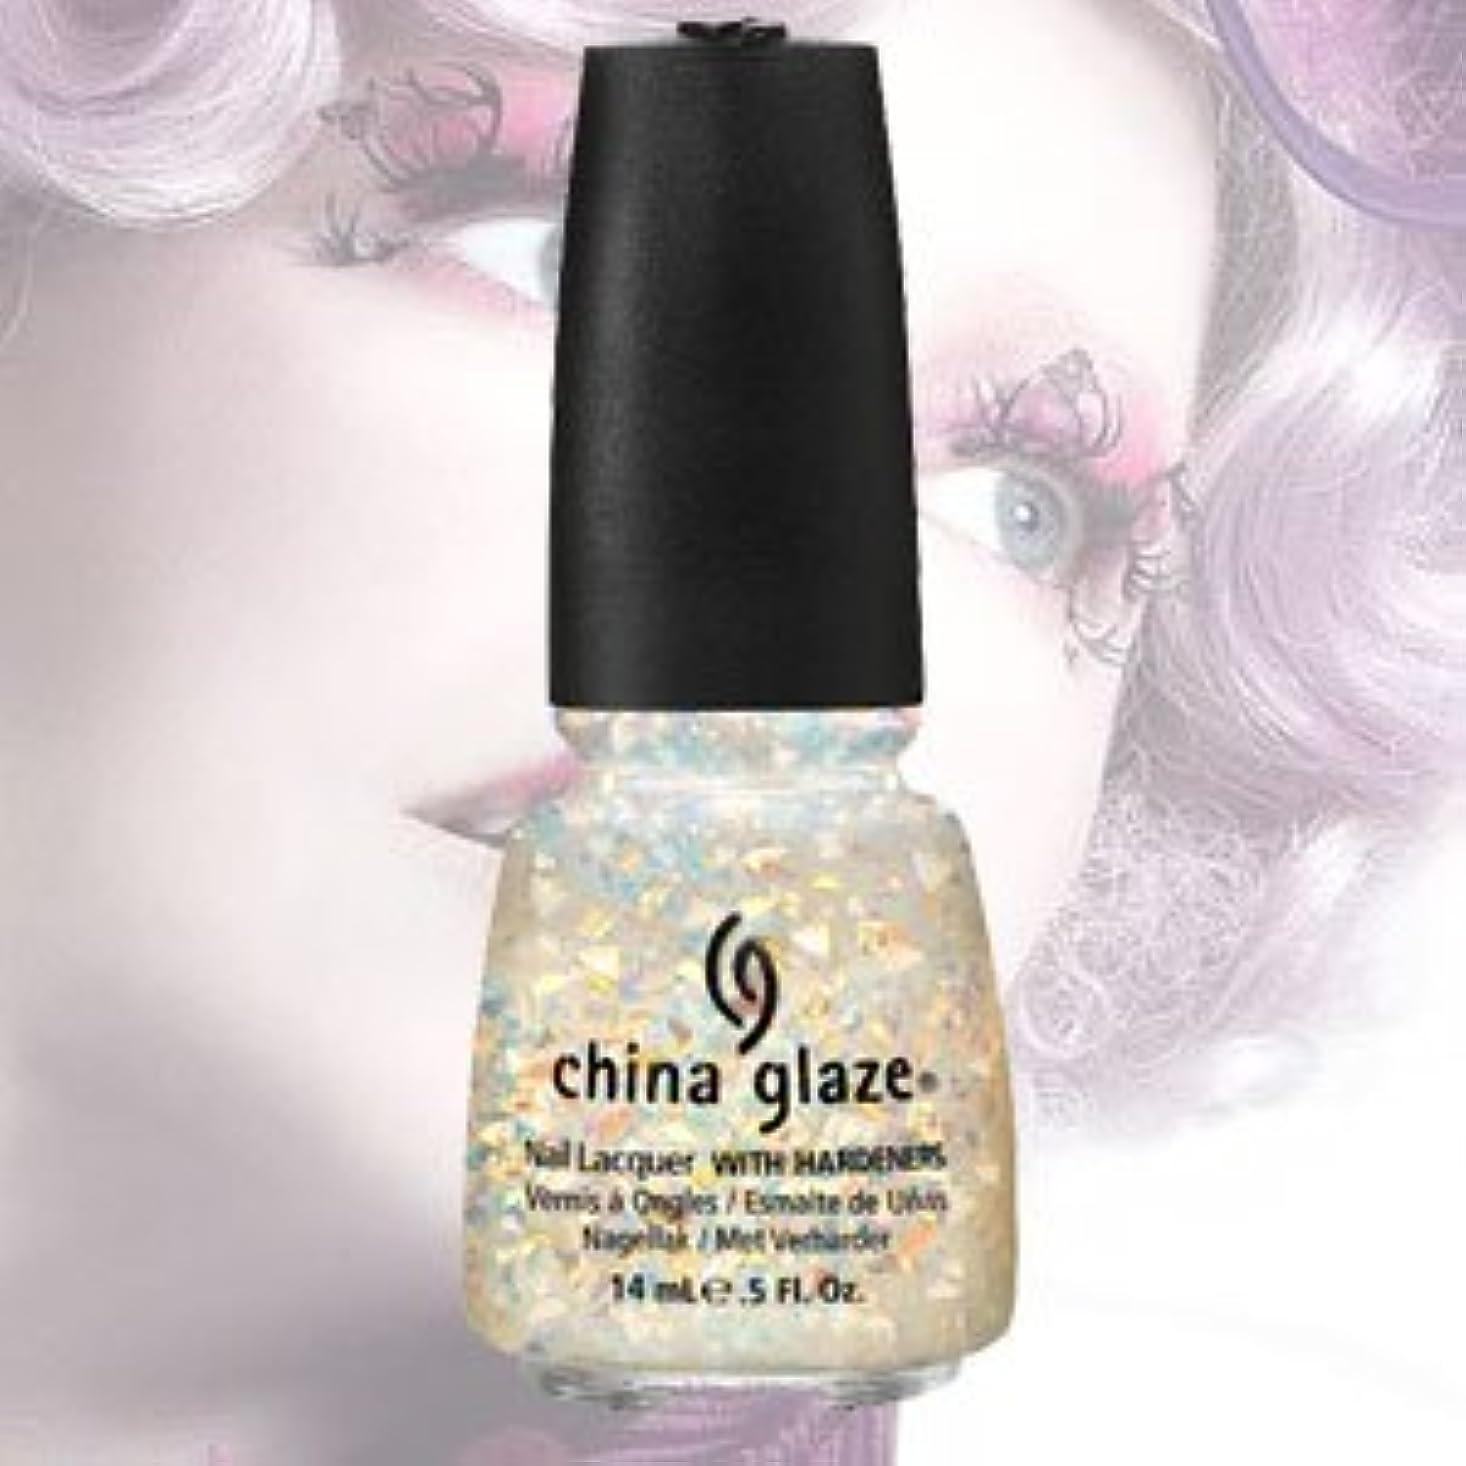 咽頭バルーンマキシム(チャイナグレイズ)China Glaze Luxe and LushーCAPITOL COLOURS コレクション [海外直送品][並行輸入品]